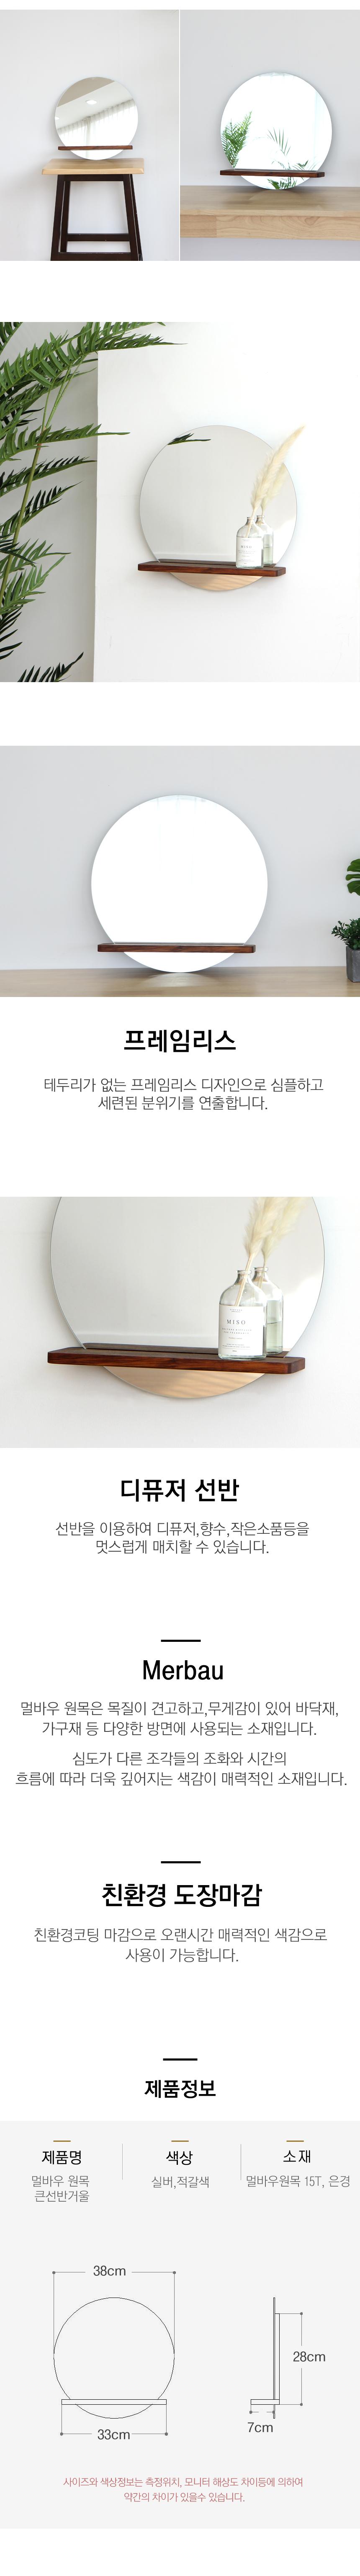 멀바우 원목 큰 선반 거울 - 럼버잭, 30,730원, 거울, 벽걸이거울